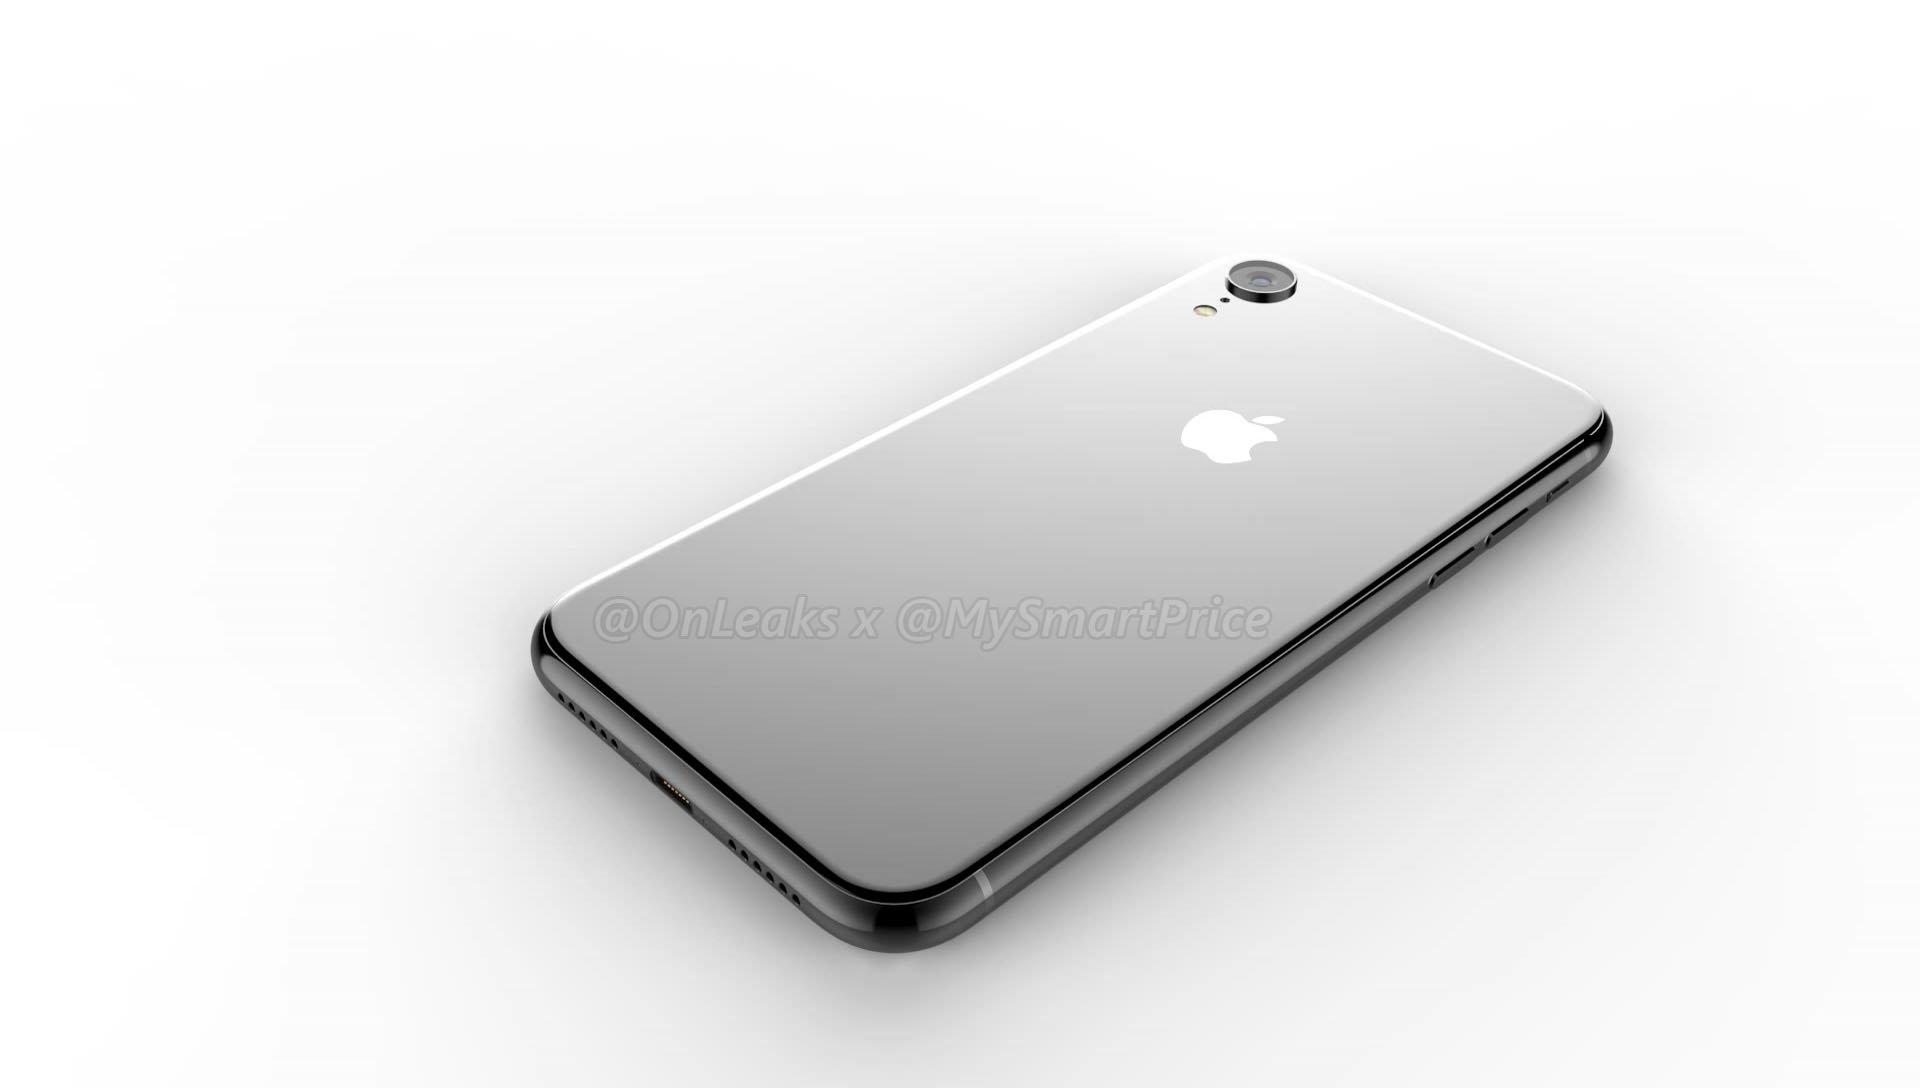 Jak wygląda front nowych iPhone'ów? Cóż - szkło i wycięcia w ekranie. Ramki w wersji 6.1 cala nie należą do najcieńszych 27